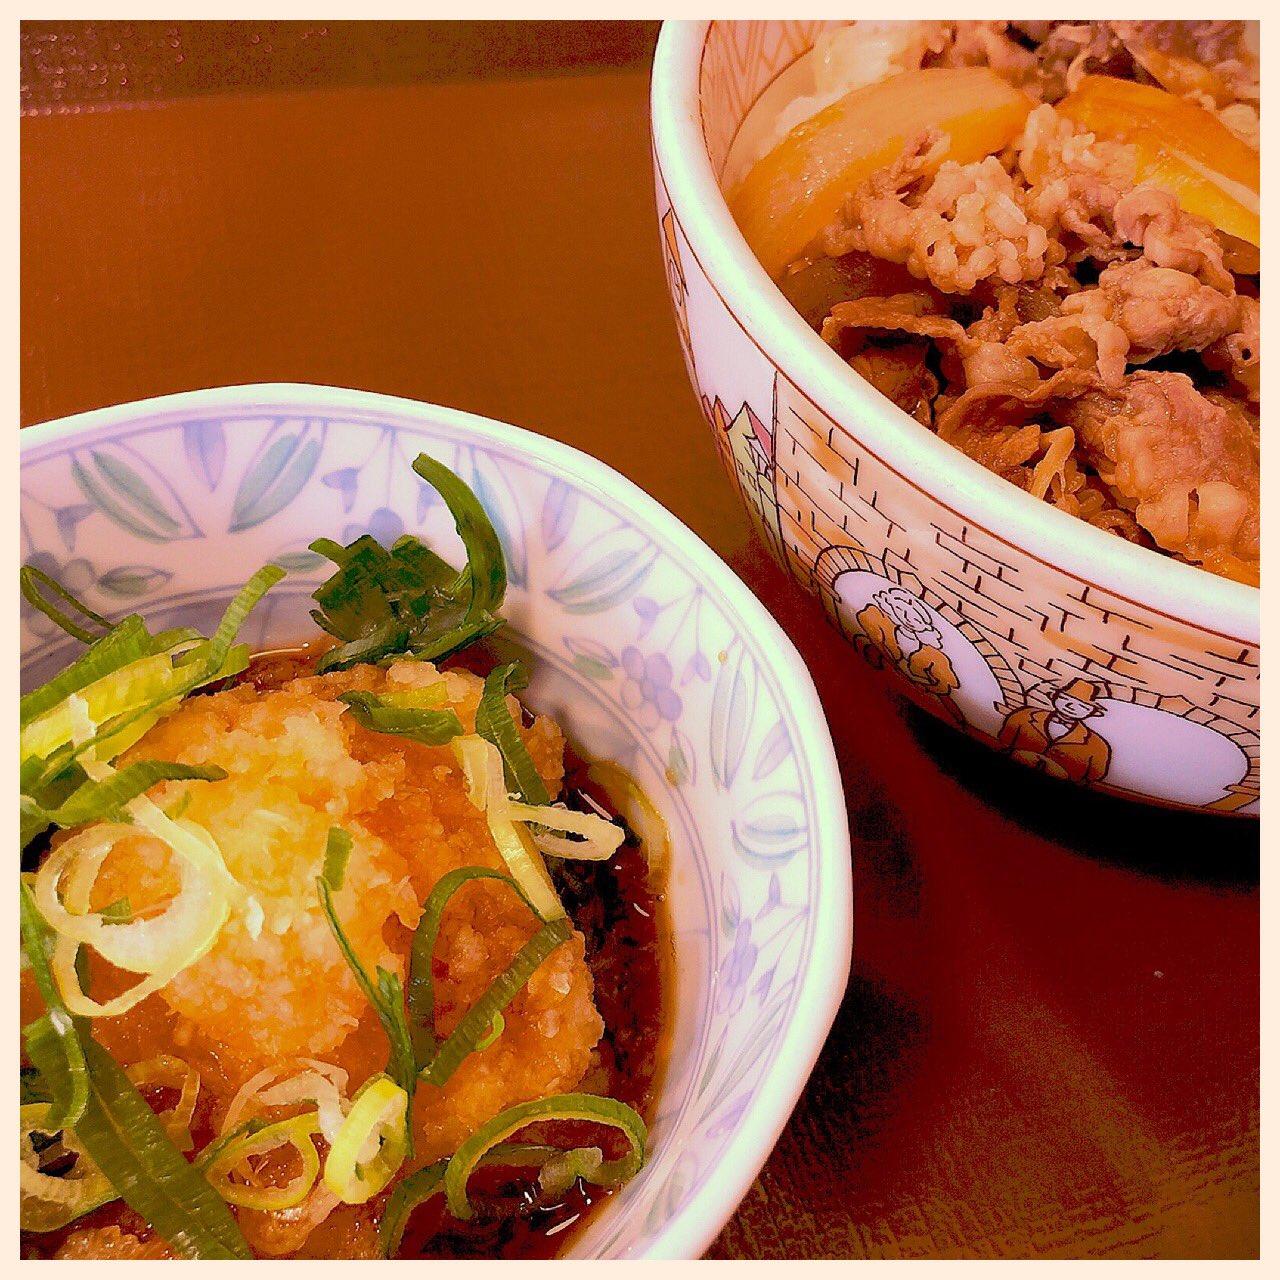 すき家 おろしポン酢牛丼 https://t.co/KAhcCcOtRJ